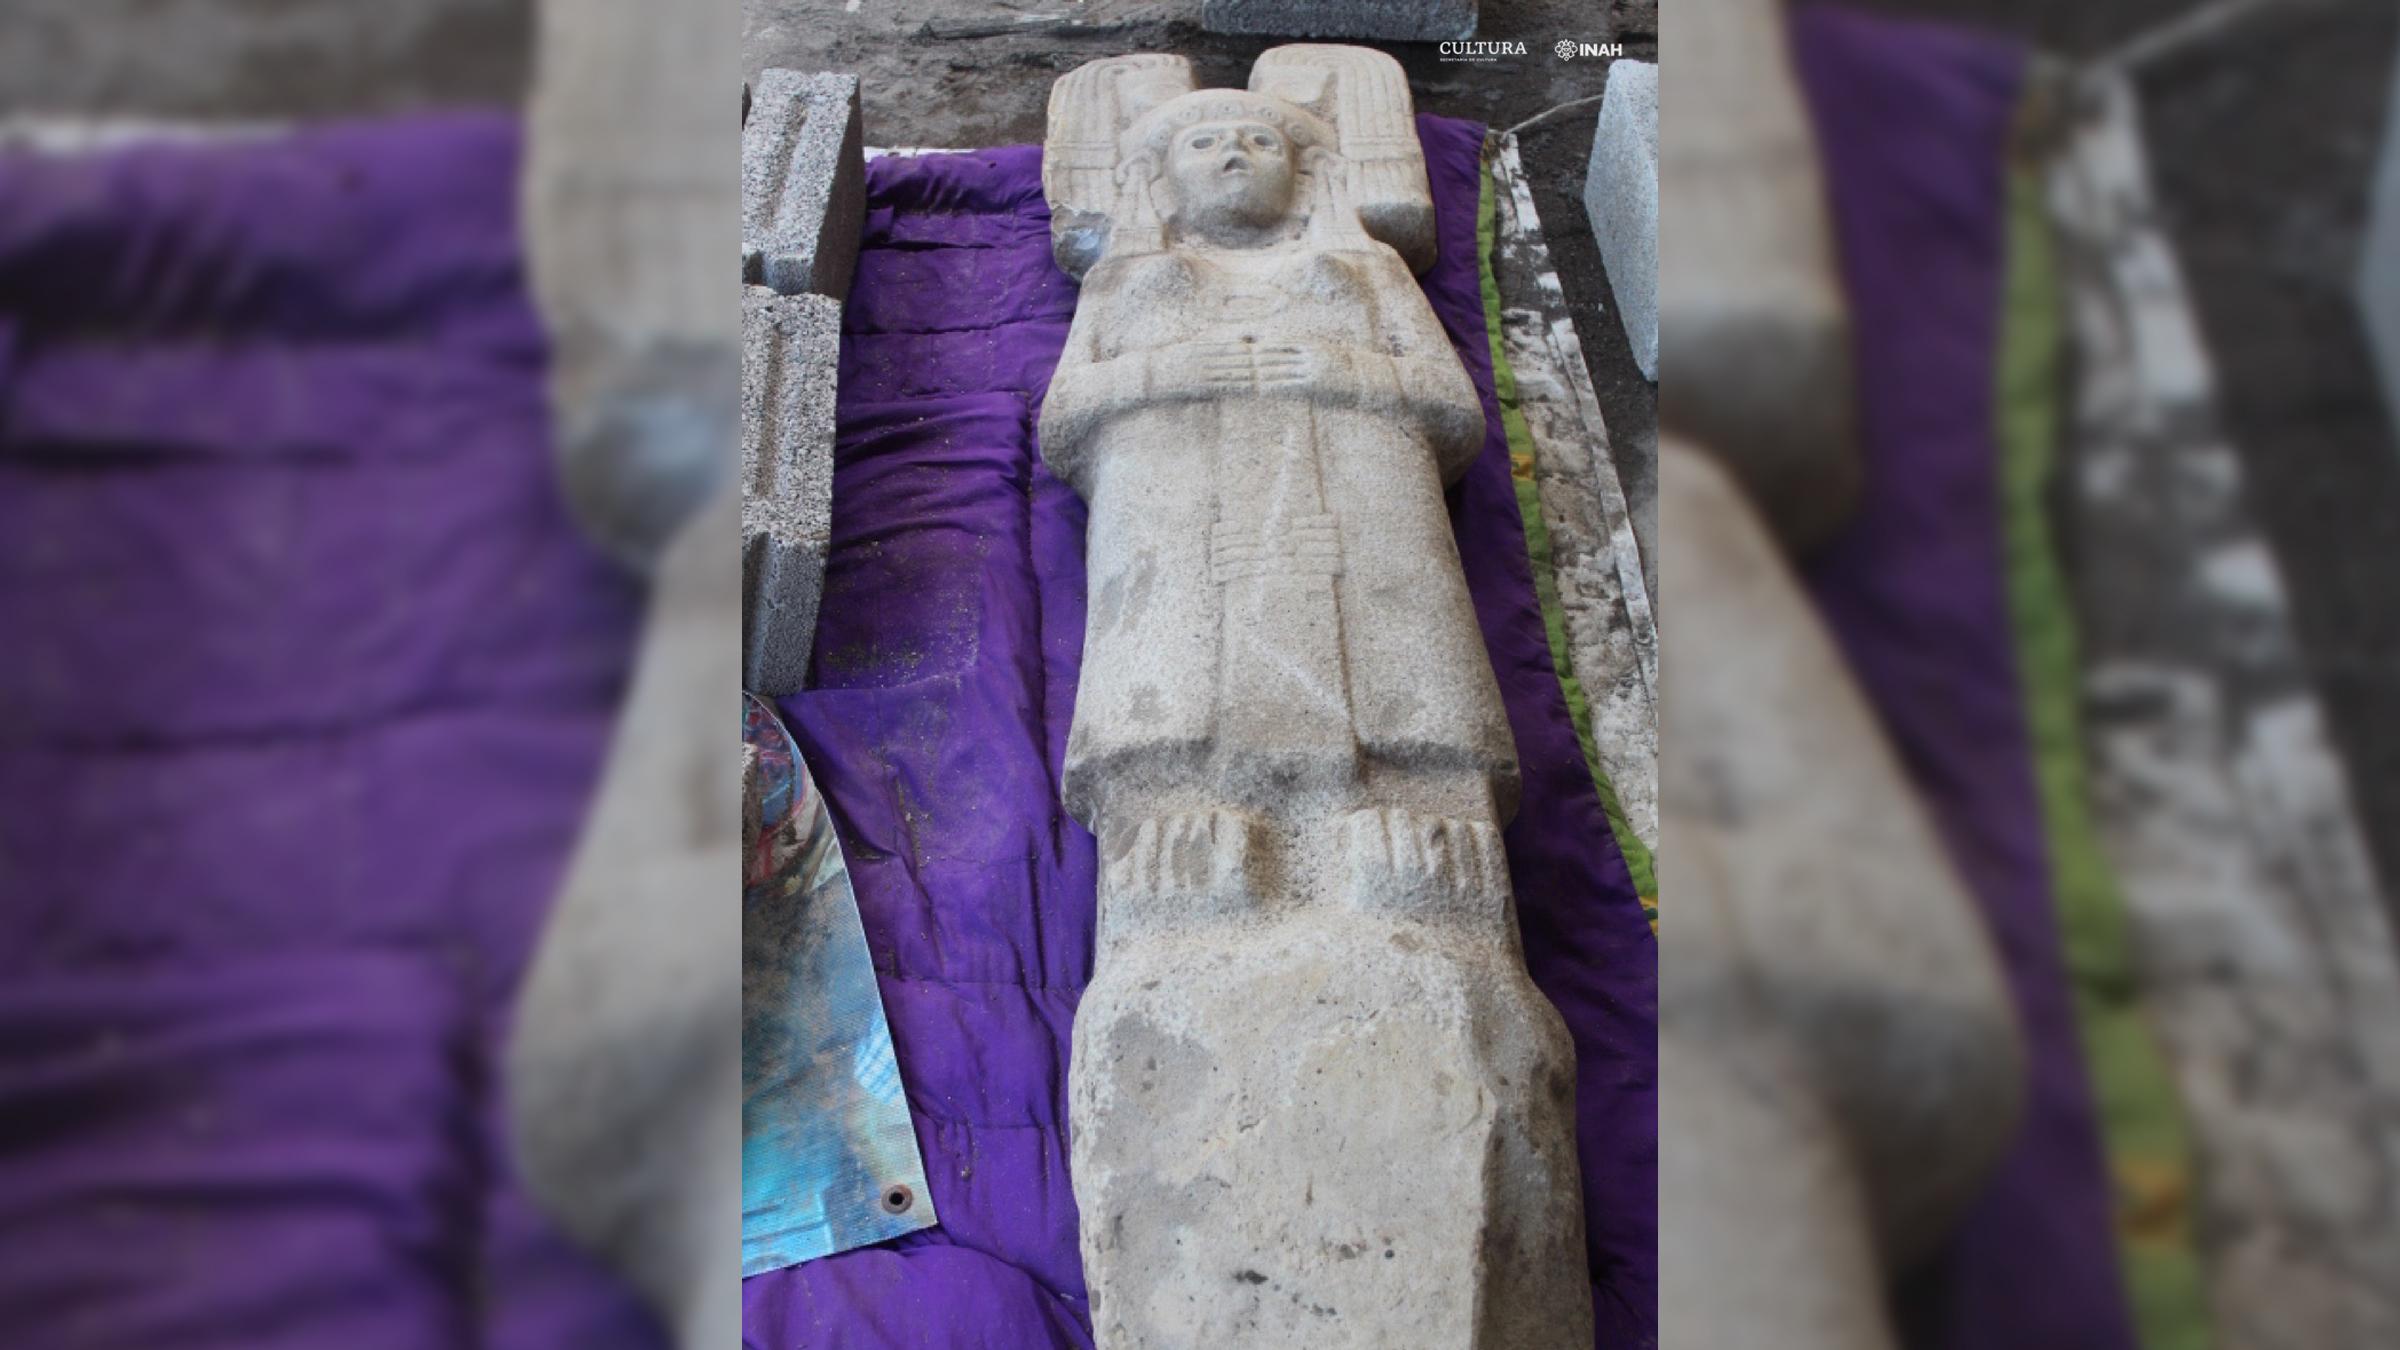 Mexique : statue d'une femme mystérieuse avec une coiffe semblable à celle de Star Wars (diaporama et vidéo) By Jack35 1-42